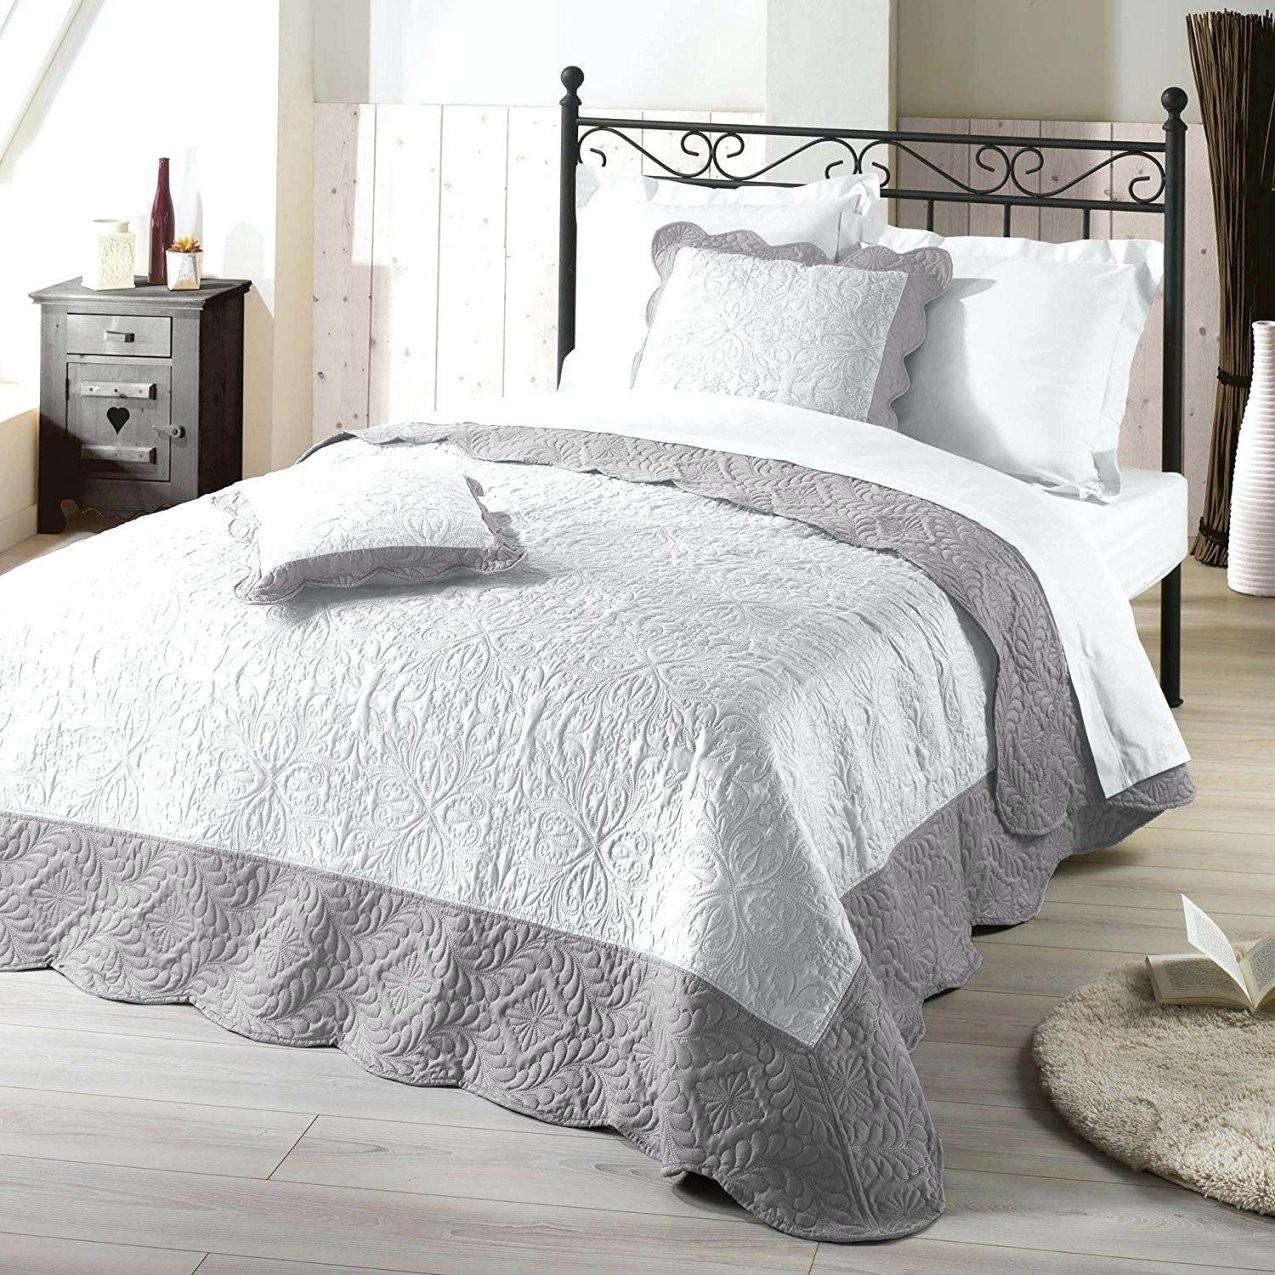 Tagesdecke Fur Doppelbett Die Tagesdecken Bett 200×200 160×200 von Tagesdecke Bett 200X200 Bild